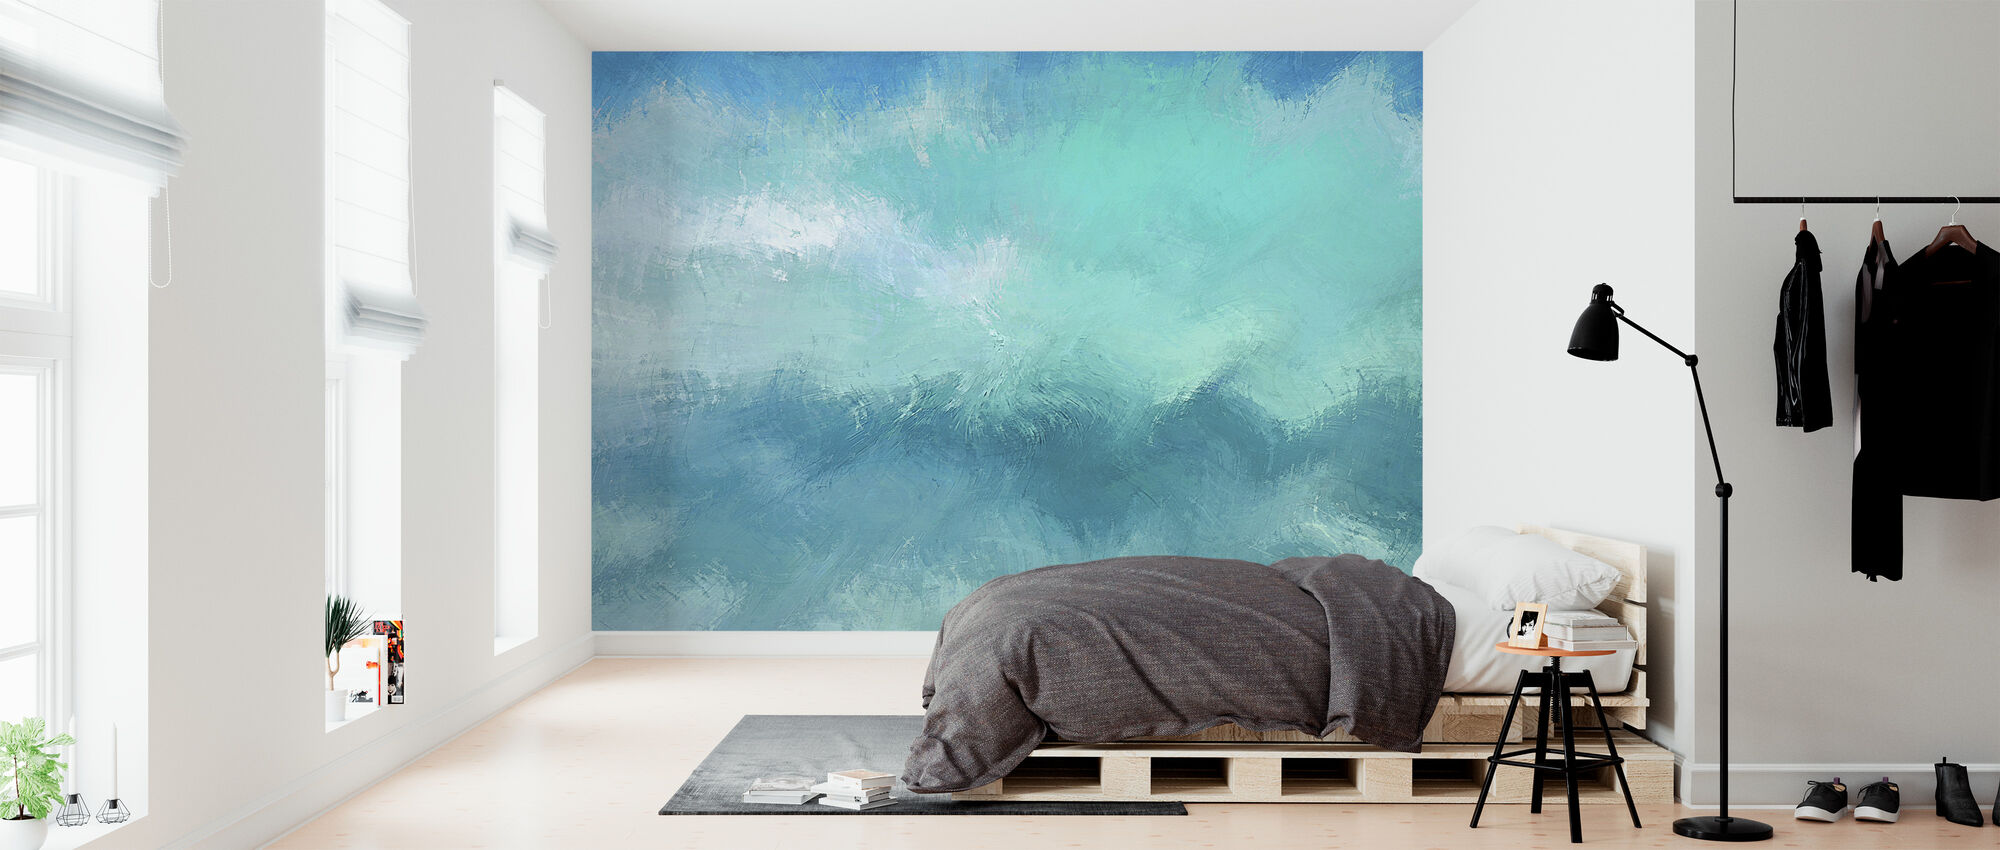 Water Color - Wallpaper - Bedroom